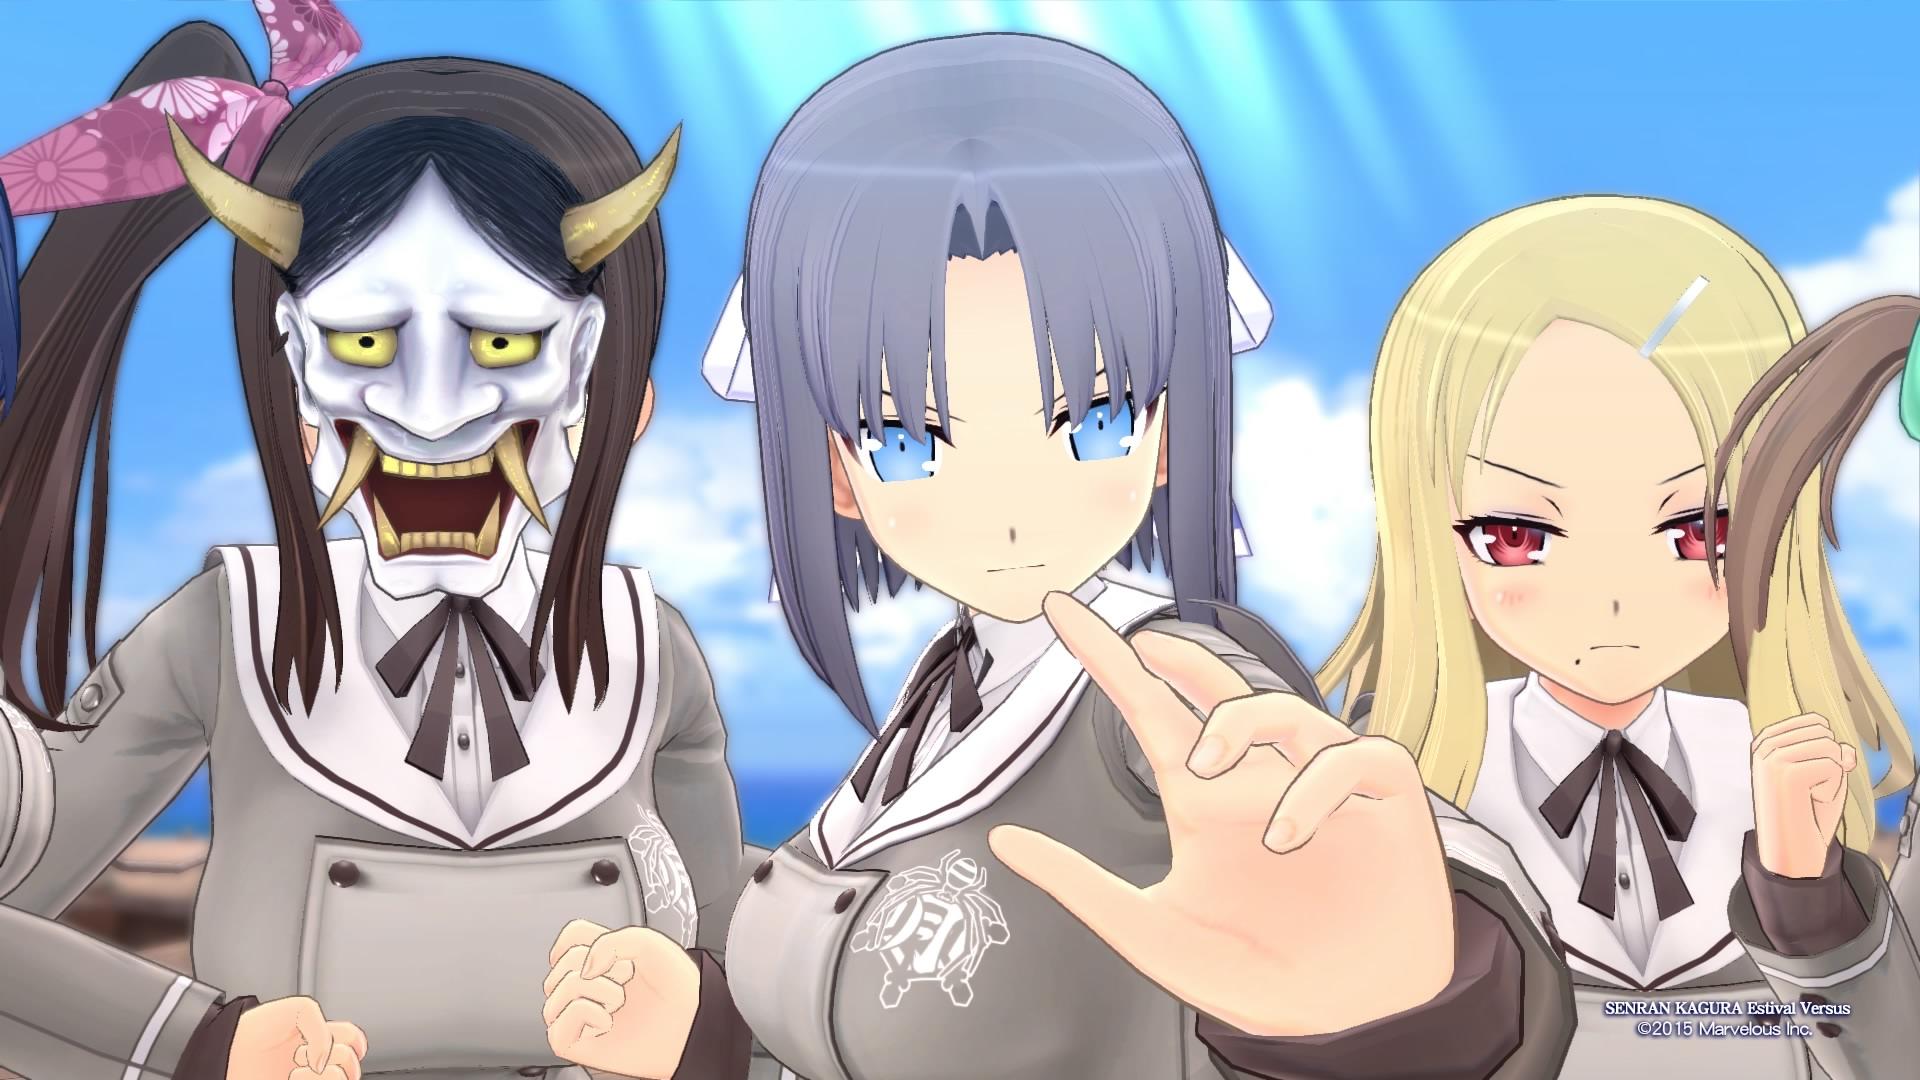 New Senran Kagura Game Coming Next Month